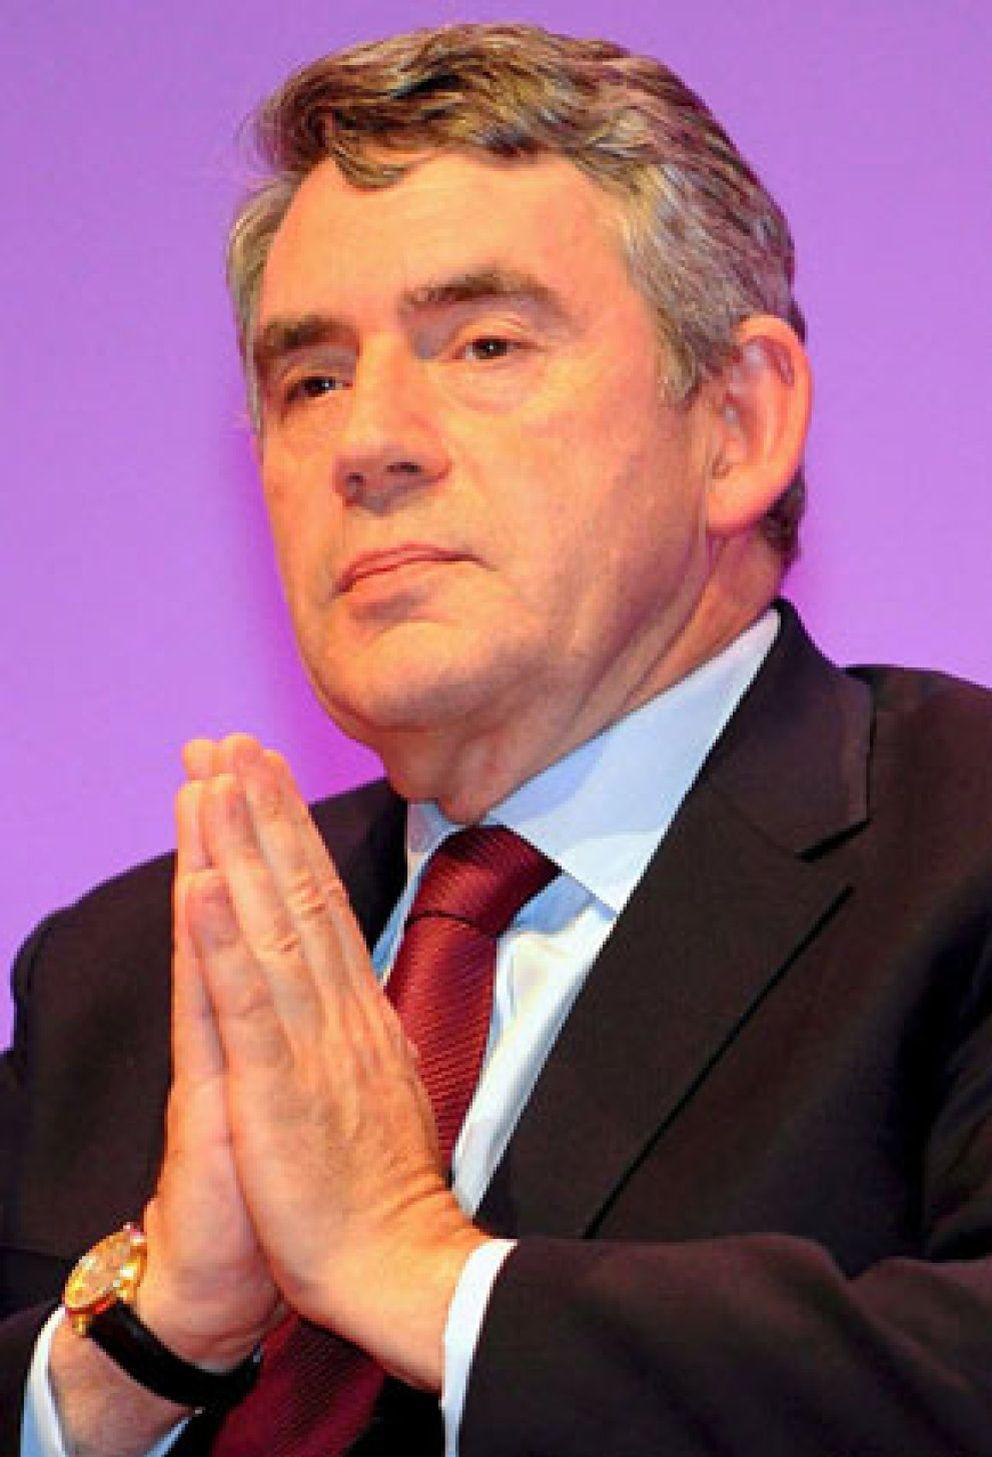 Foto: Gordon Brown, el inquilino de Downing Street que nunca debió dejar los números